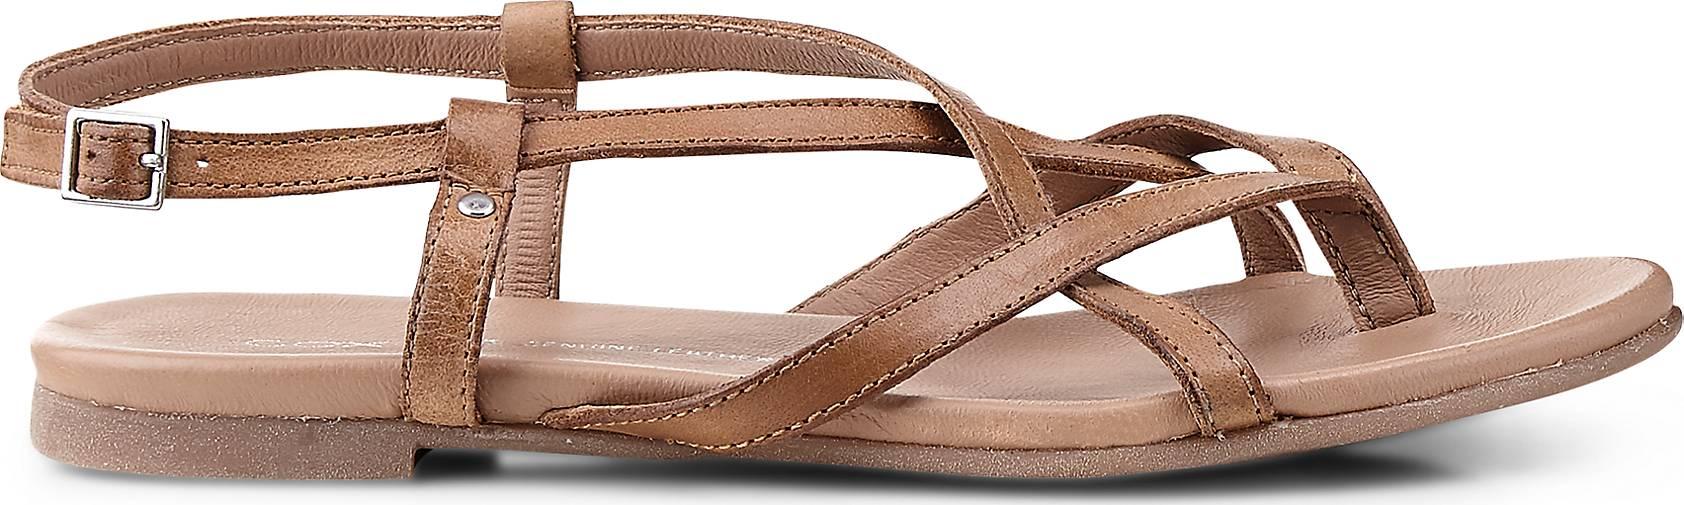 Cox Riemchen-Sandalette in 47028301 braun-mittel kaufen - 47028301 in | GÖRTZ 13f249